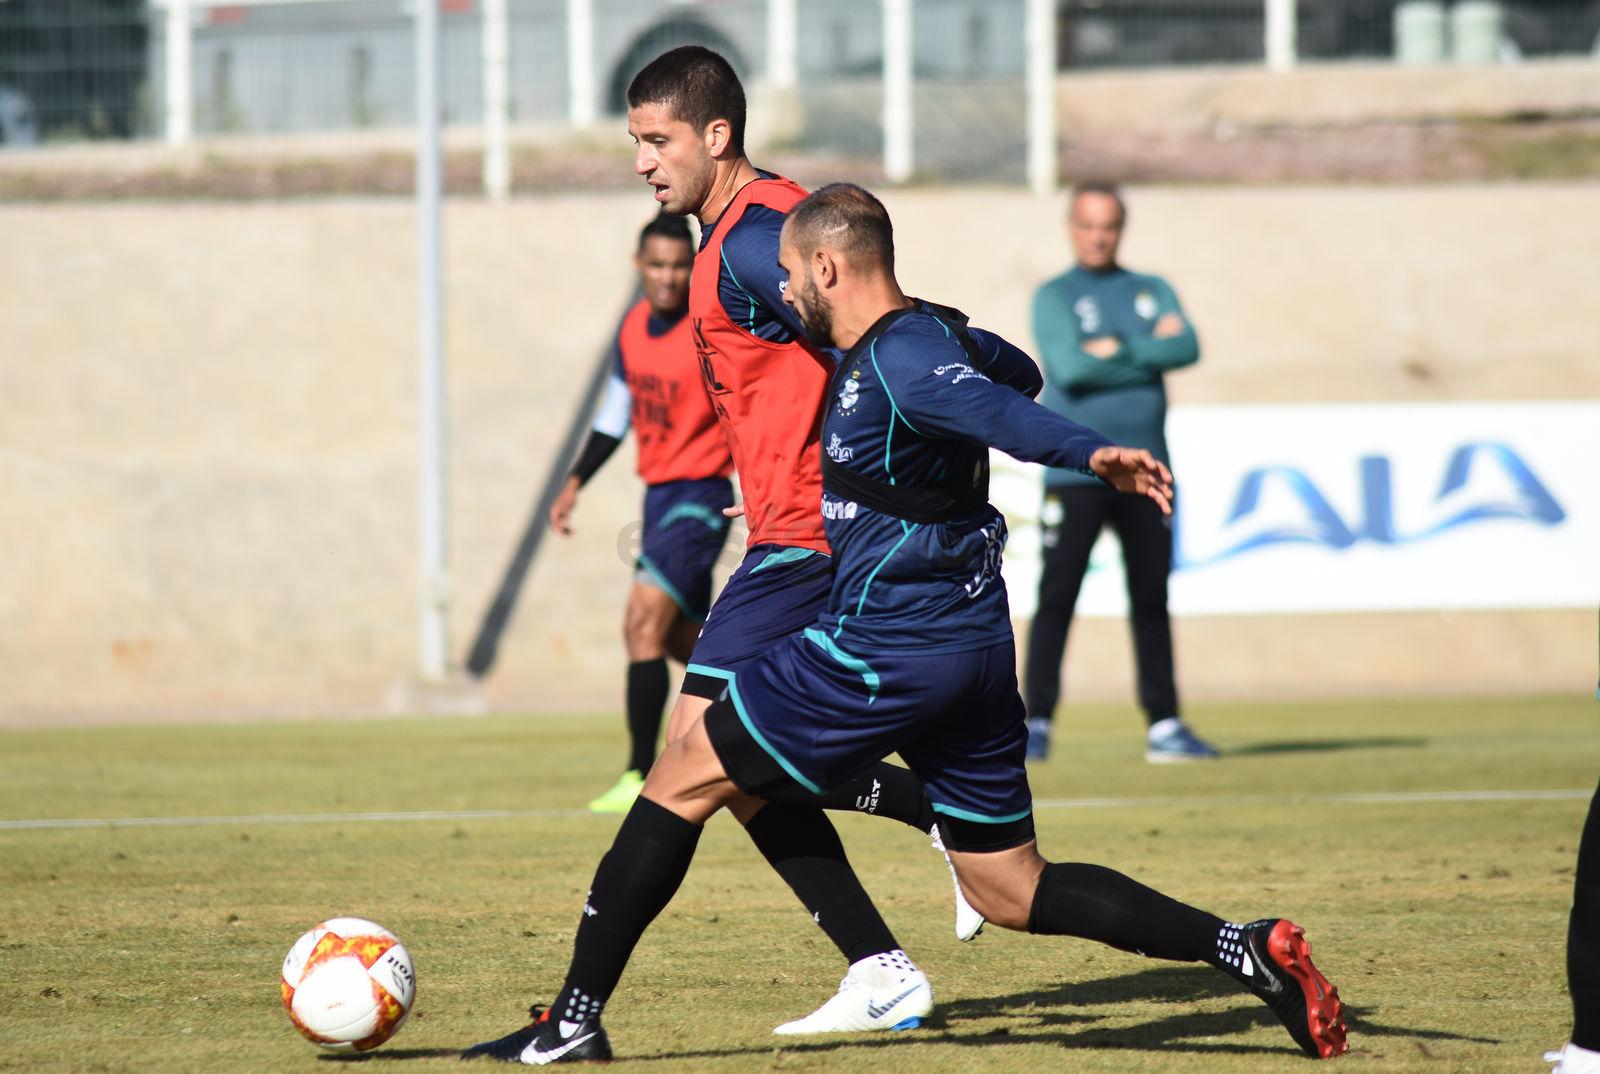 Santos actualmente cuenta con 29 puntos y se encuentra en el cuarto lugar, empatado con Pumas.